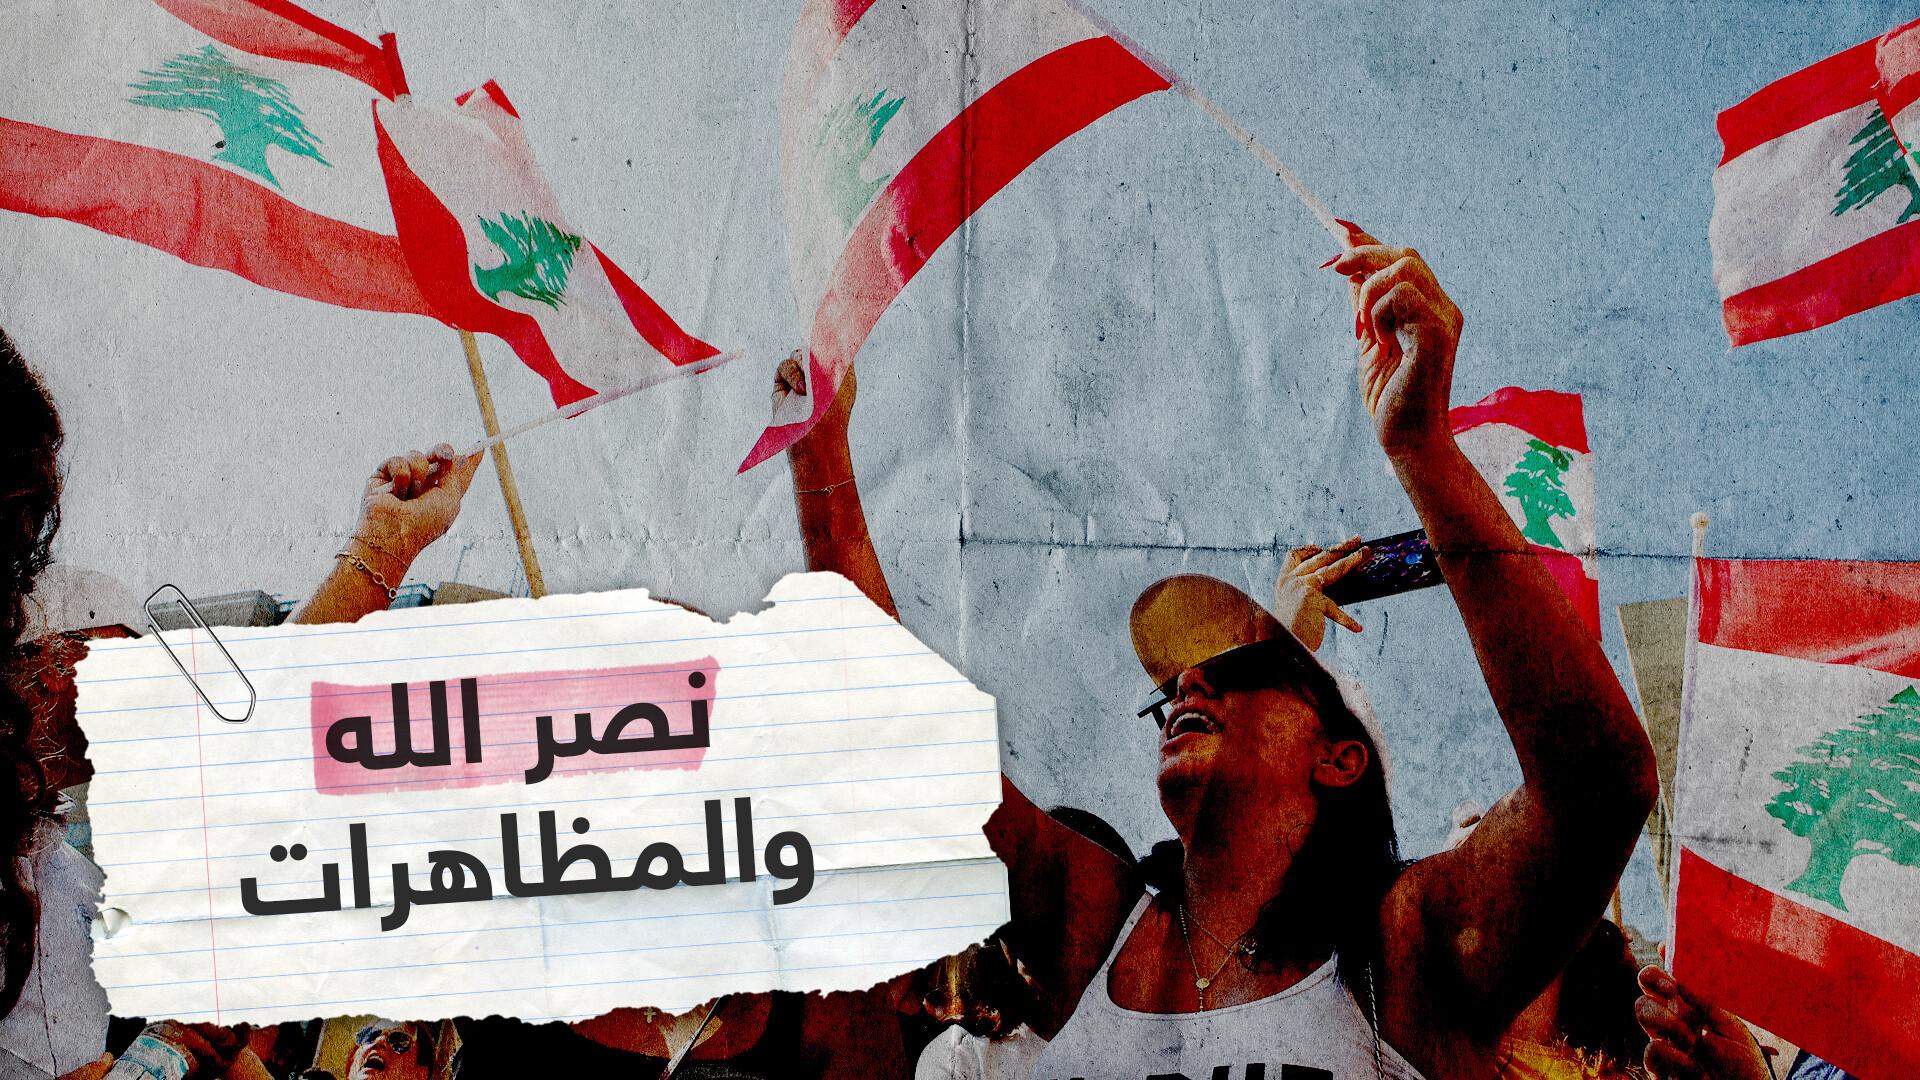 حسن نصر الله: لا نؤيد استقالة الحكومة